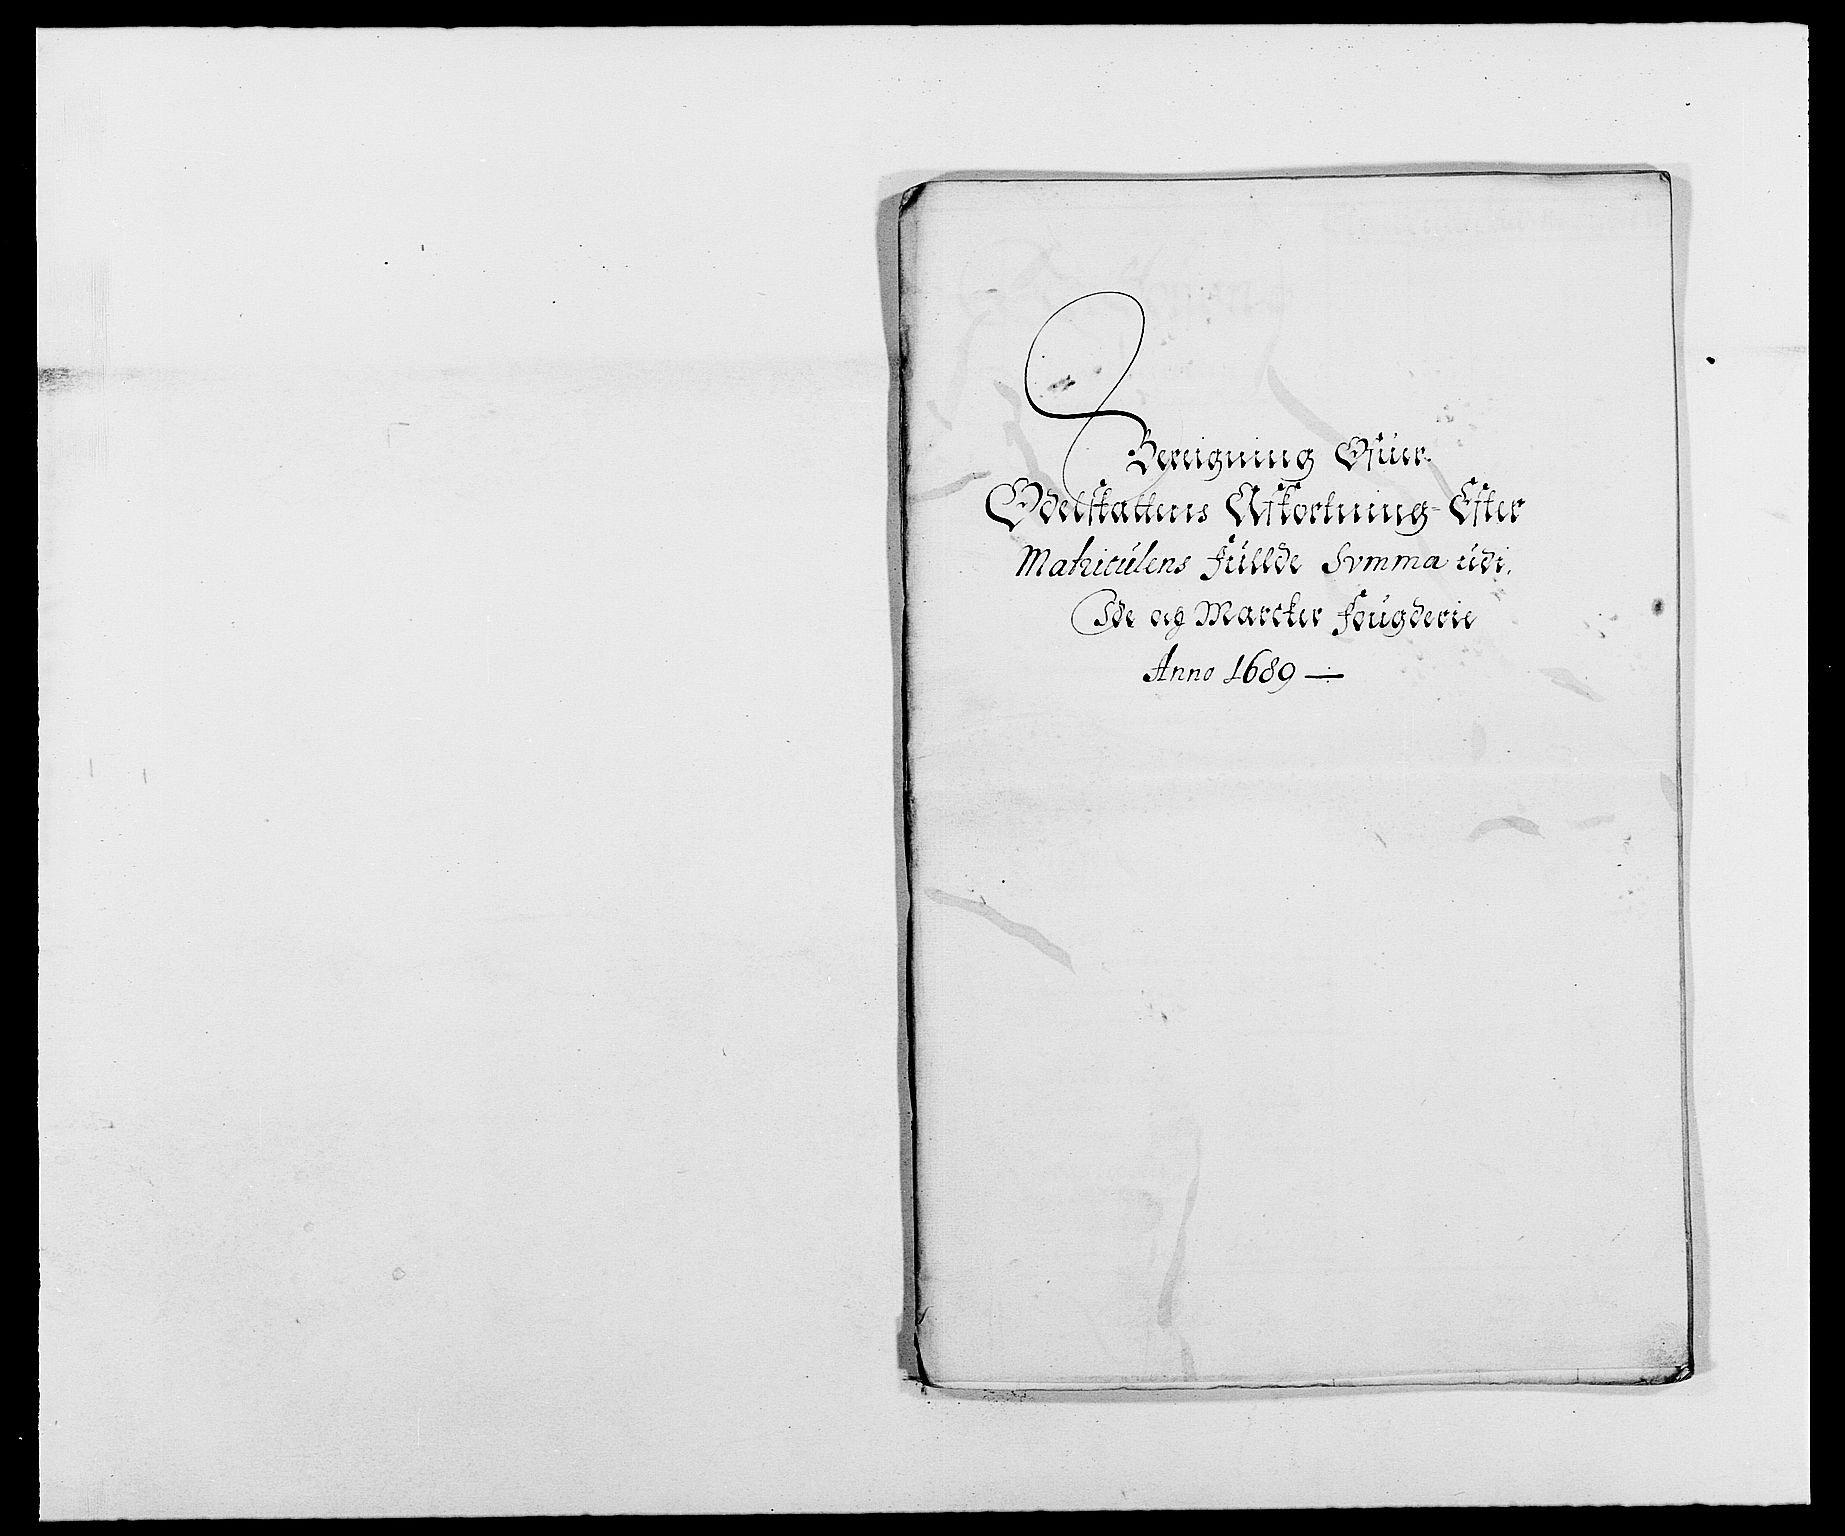 RA, Rentekammeret inntil 1814, Reviderte regnskaper, Fogderegnskap, R01/L0008: Fogderegnskap Idd og Marker, 1689, s. 280